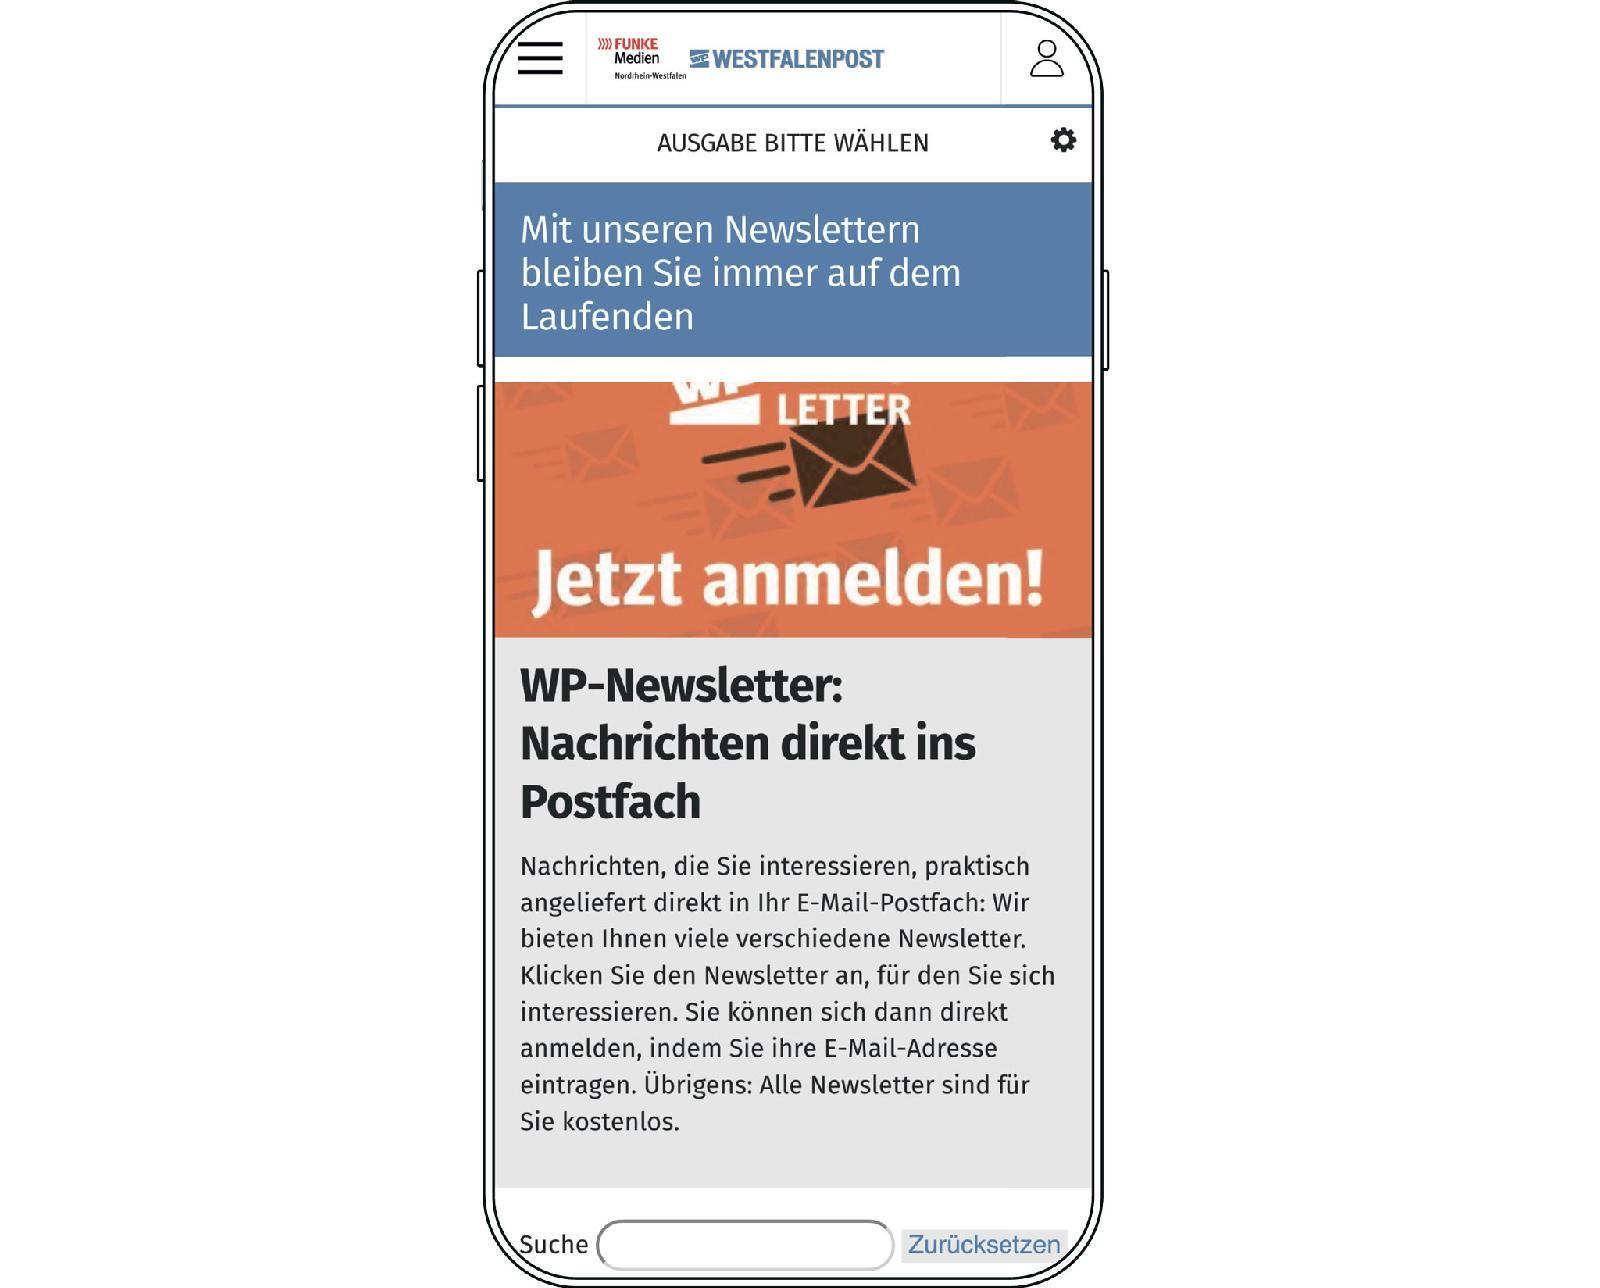 Большинство рассылок от Westfalenpost (Funke Mediengruppe) адресовано жителям конкретных городов Северного Рейна-Вестфалии